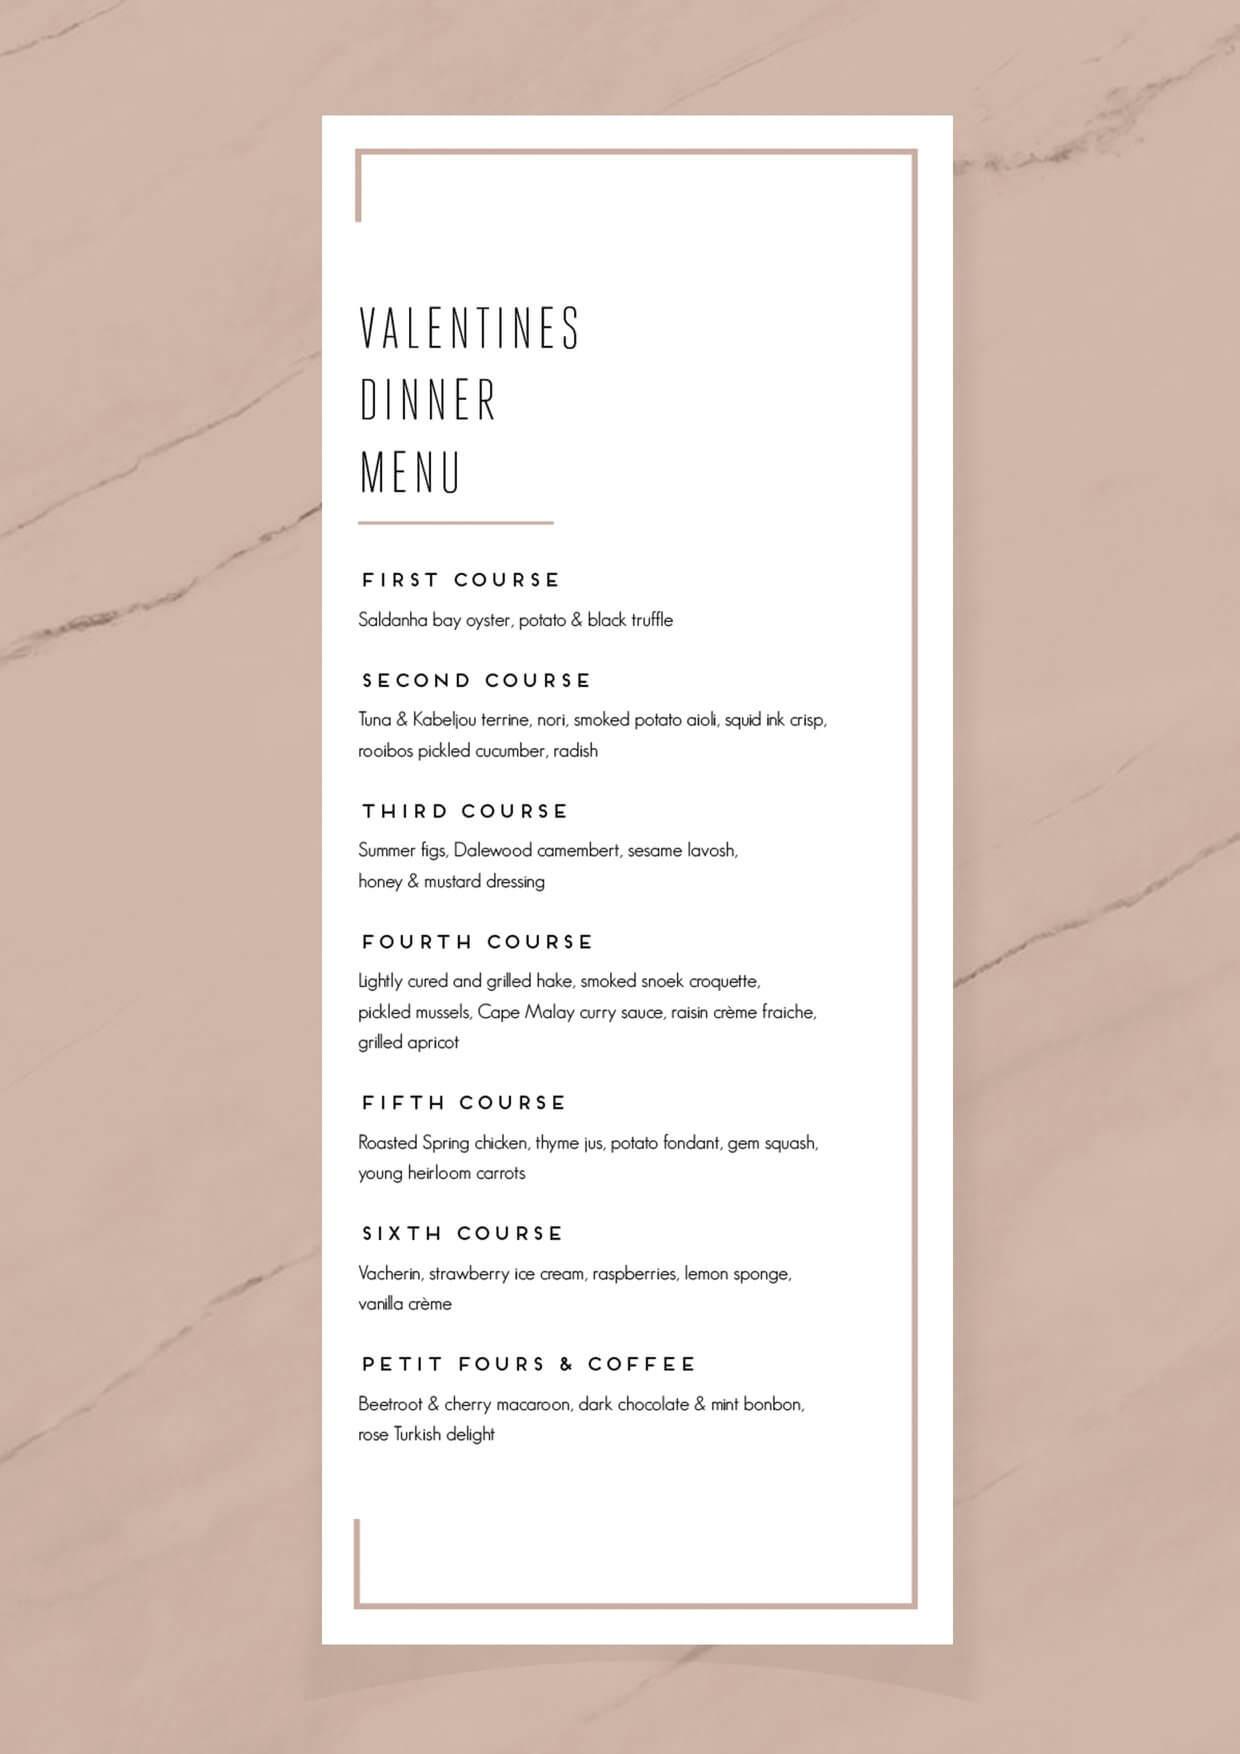 Cavalli Restaurant Valentines Dinner Menu